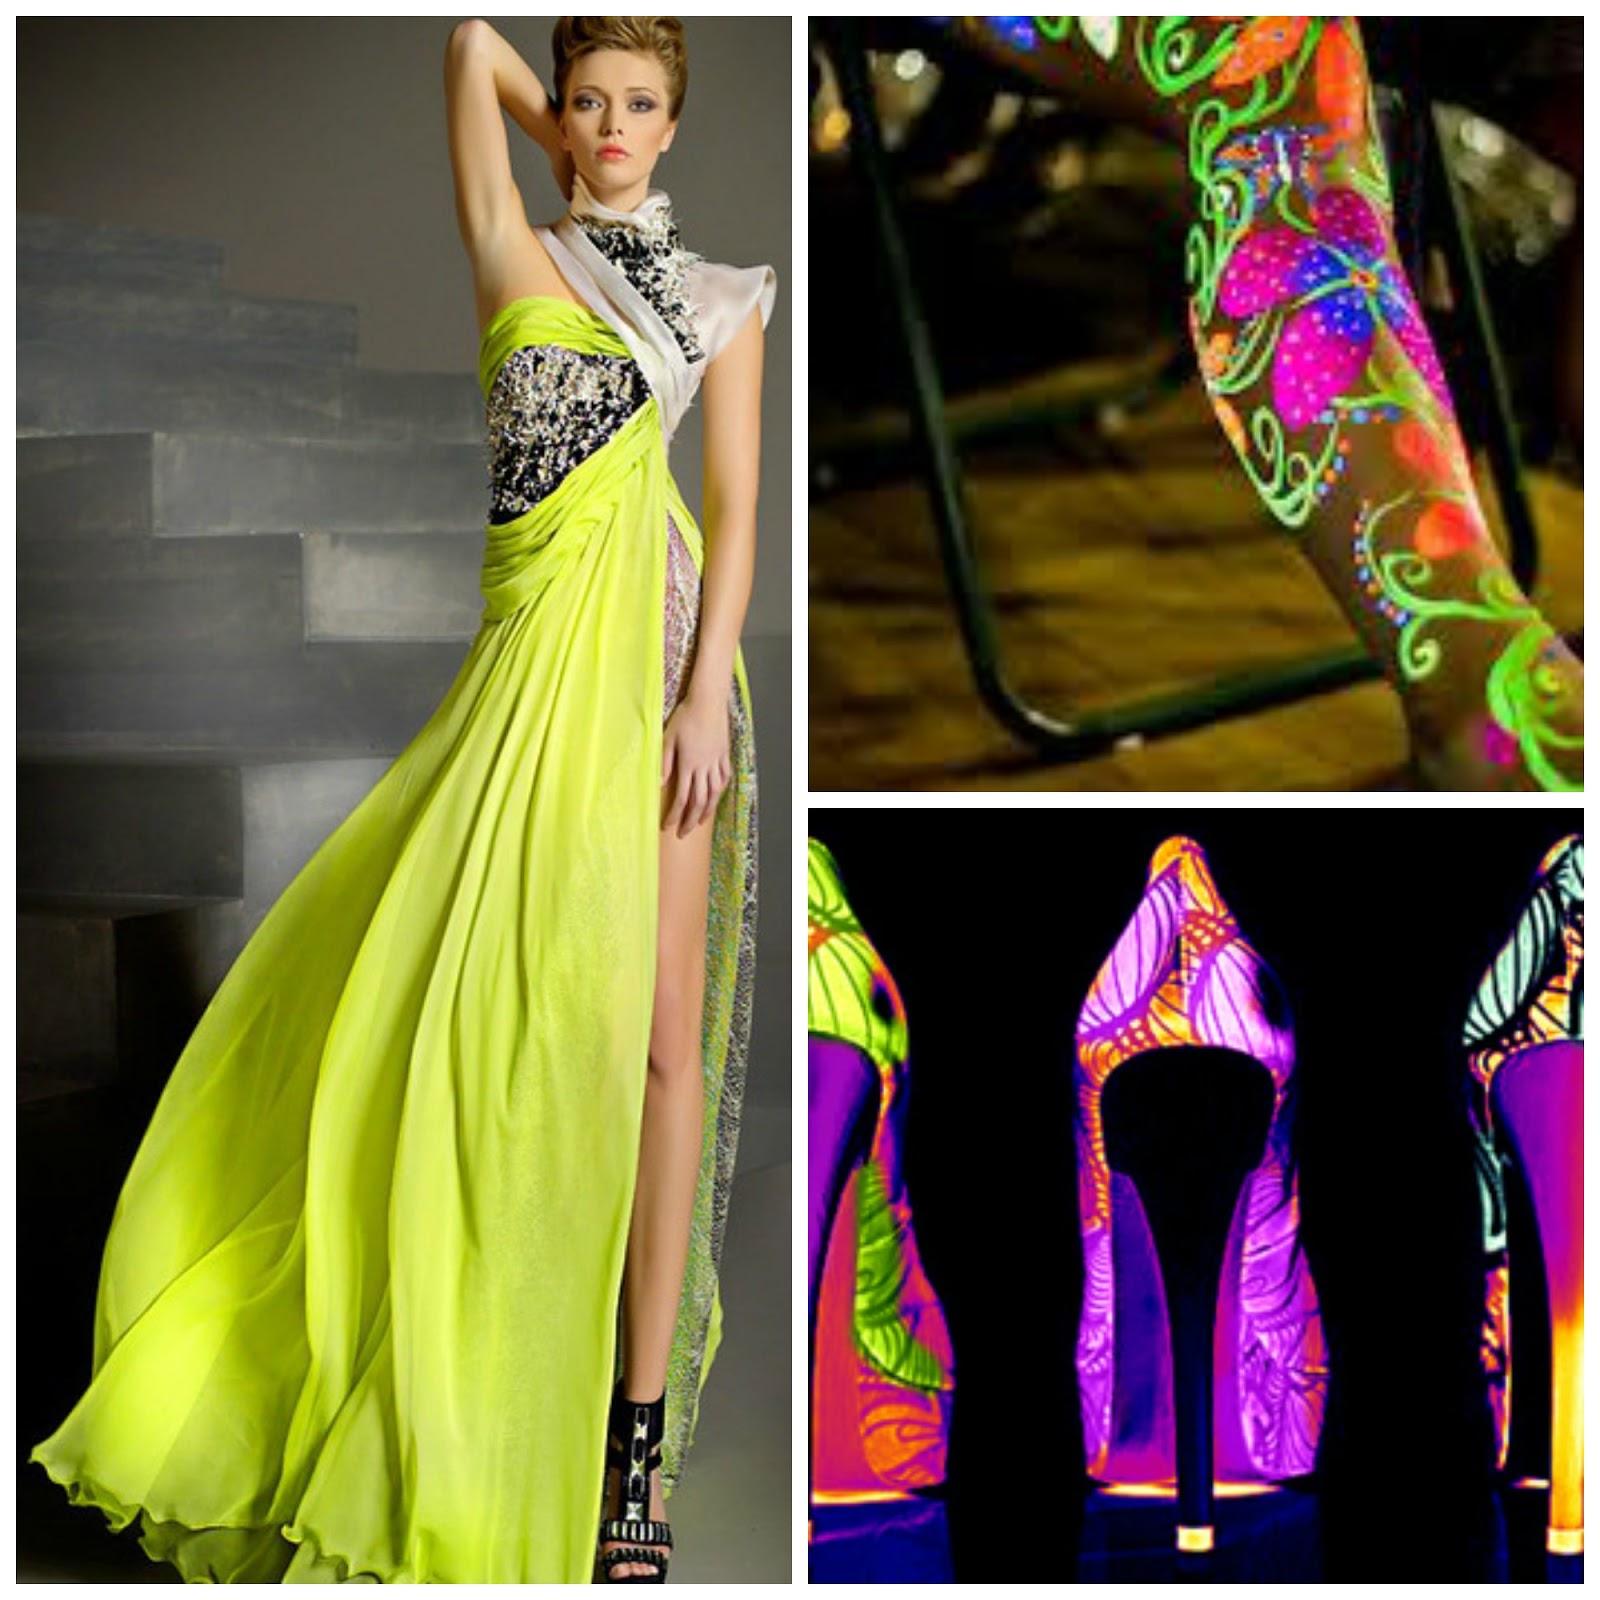 Neon Party... Ideas para la Decoraciu00f3n Outfit y Accesorios | Artes DaVinci - Ideas con Estilo